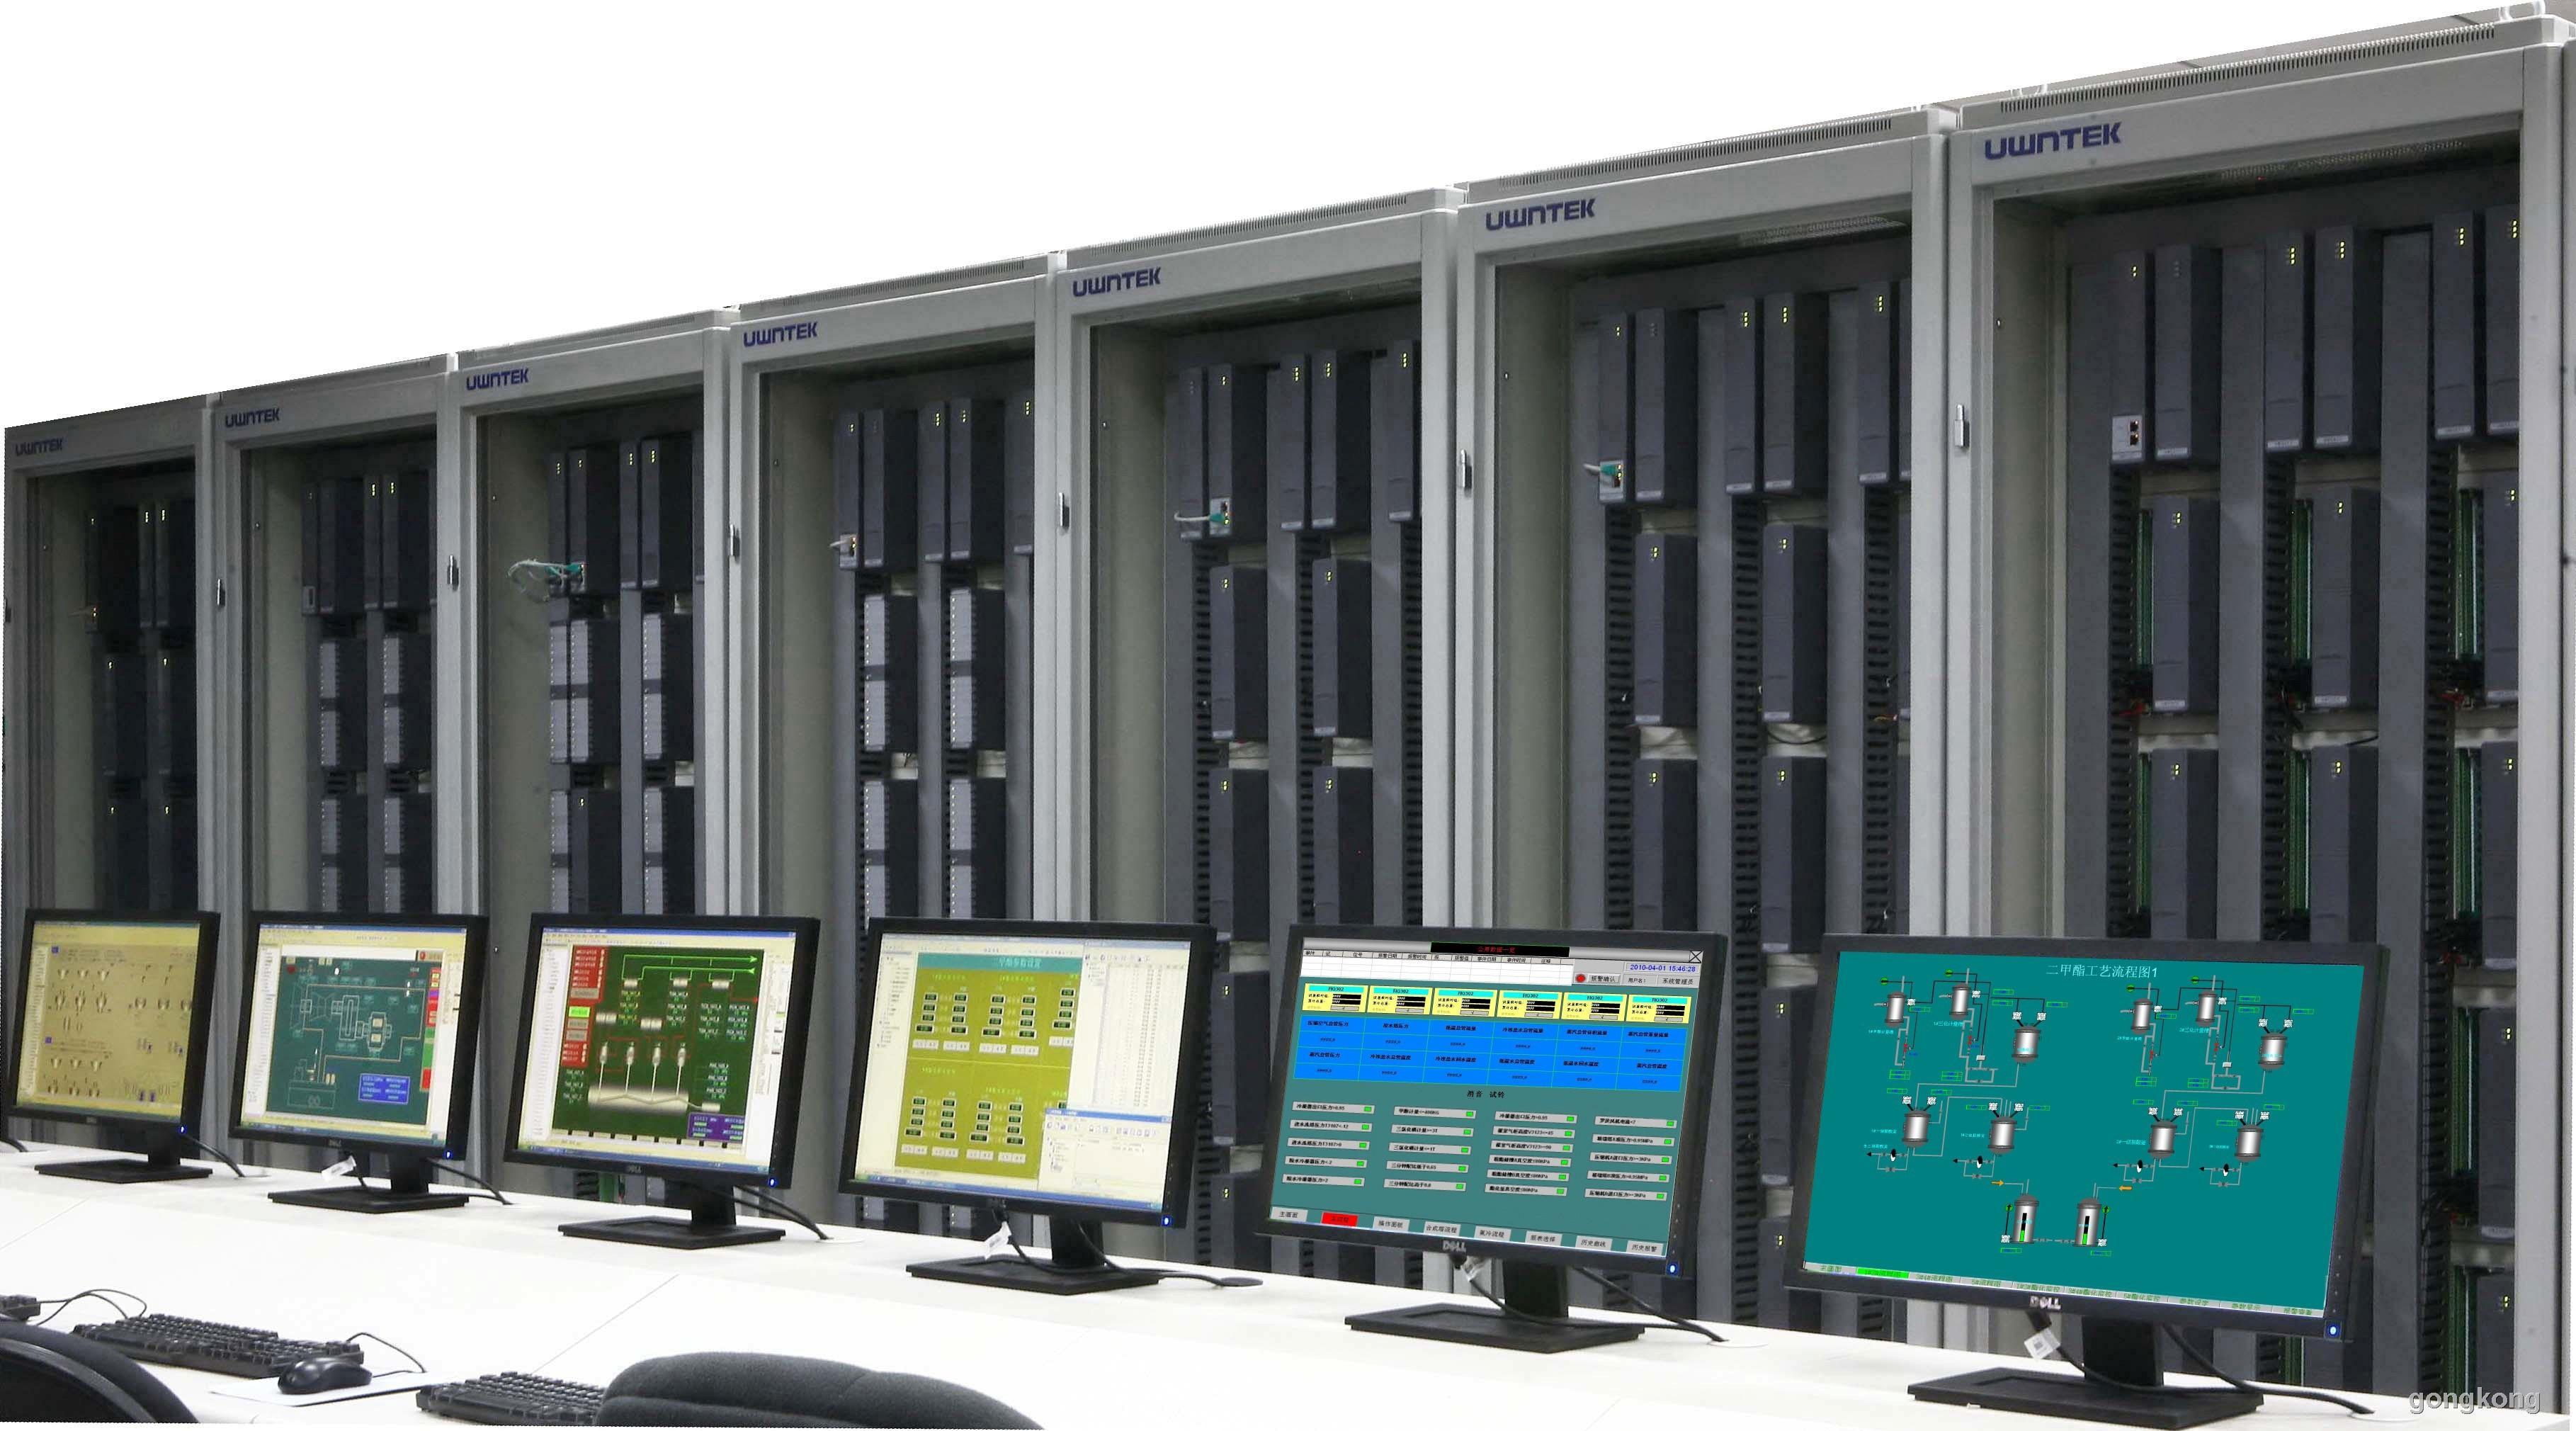 优稳 UW500 集散控制系统